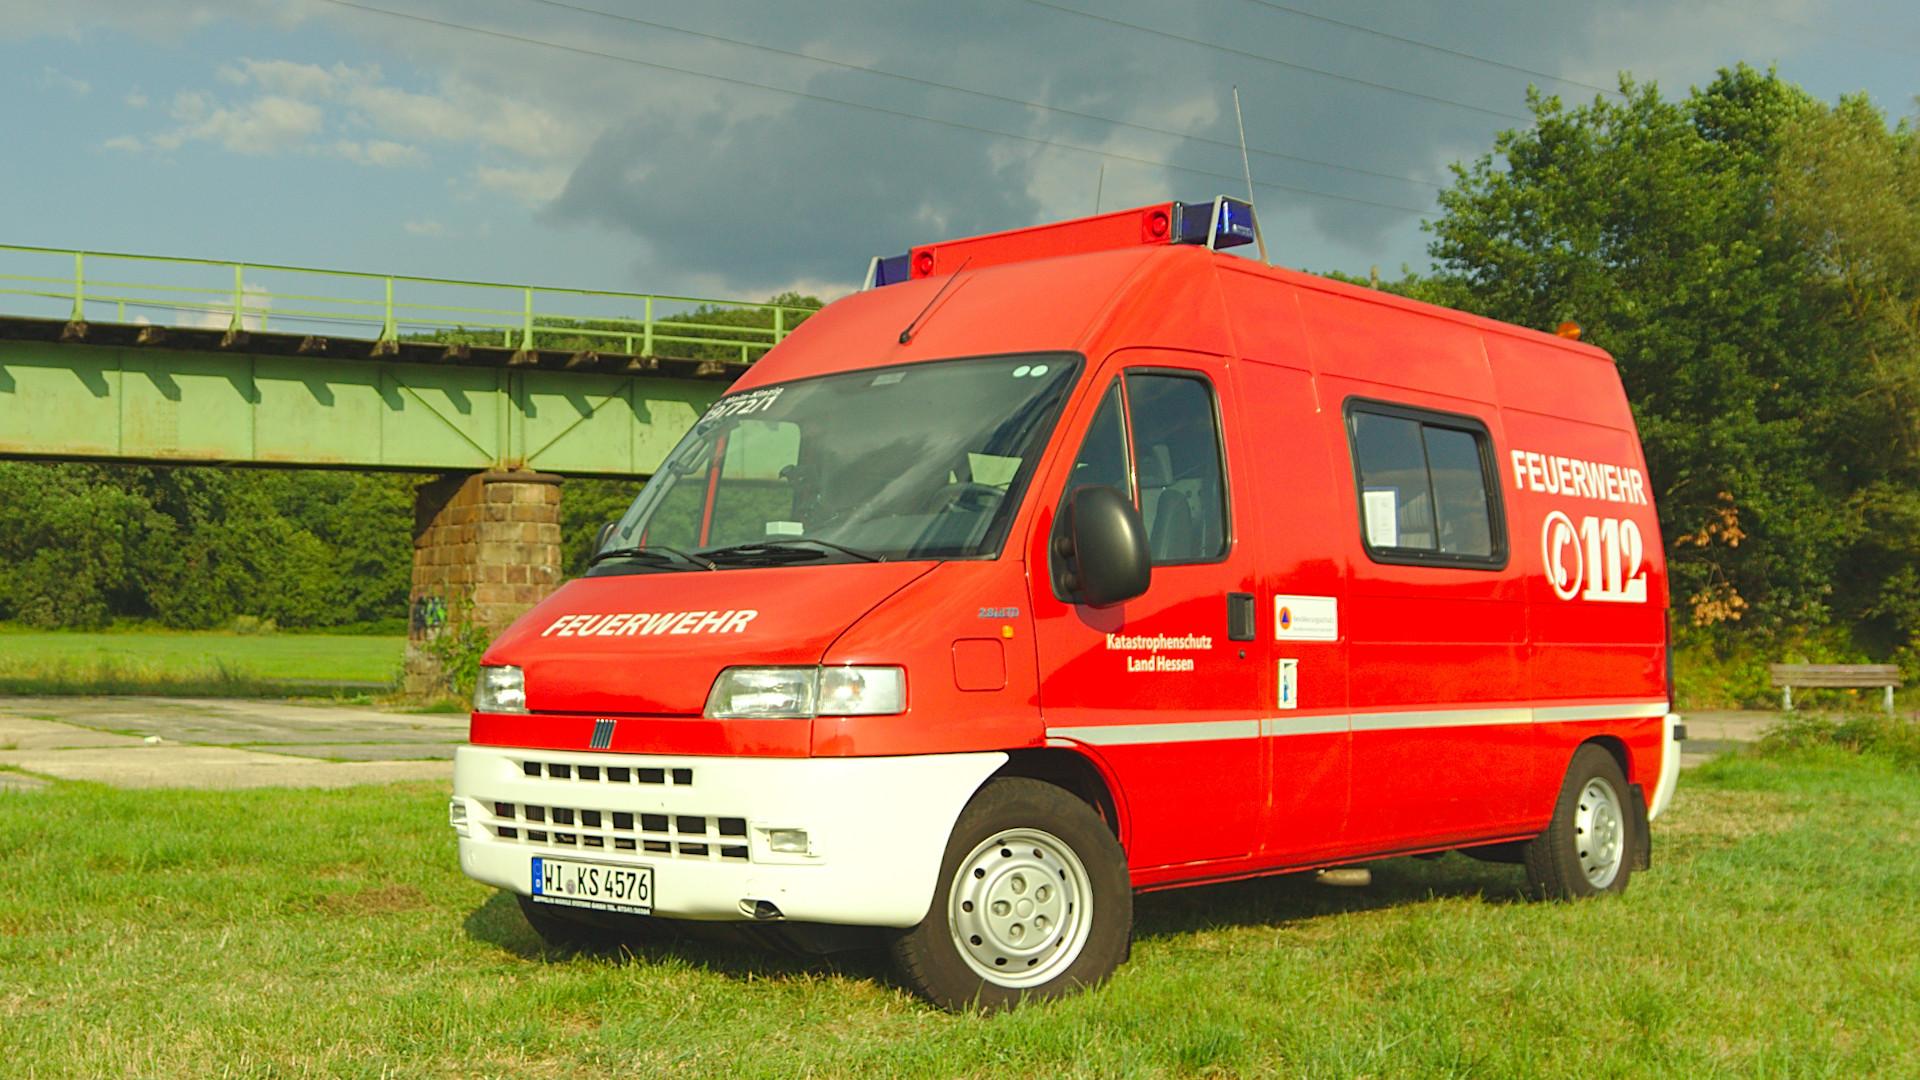 ABC-Erkundungskraftwagen des Bundes